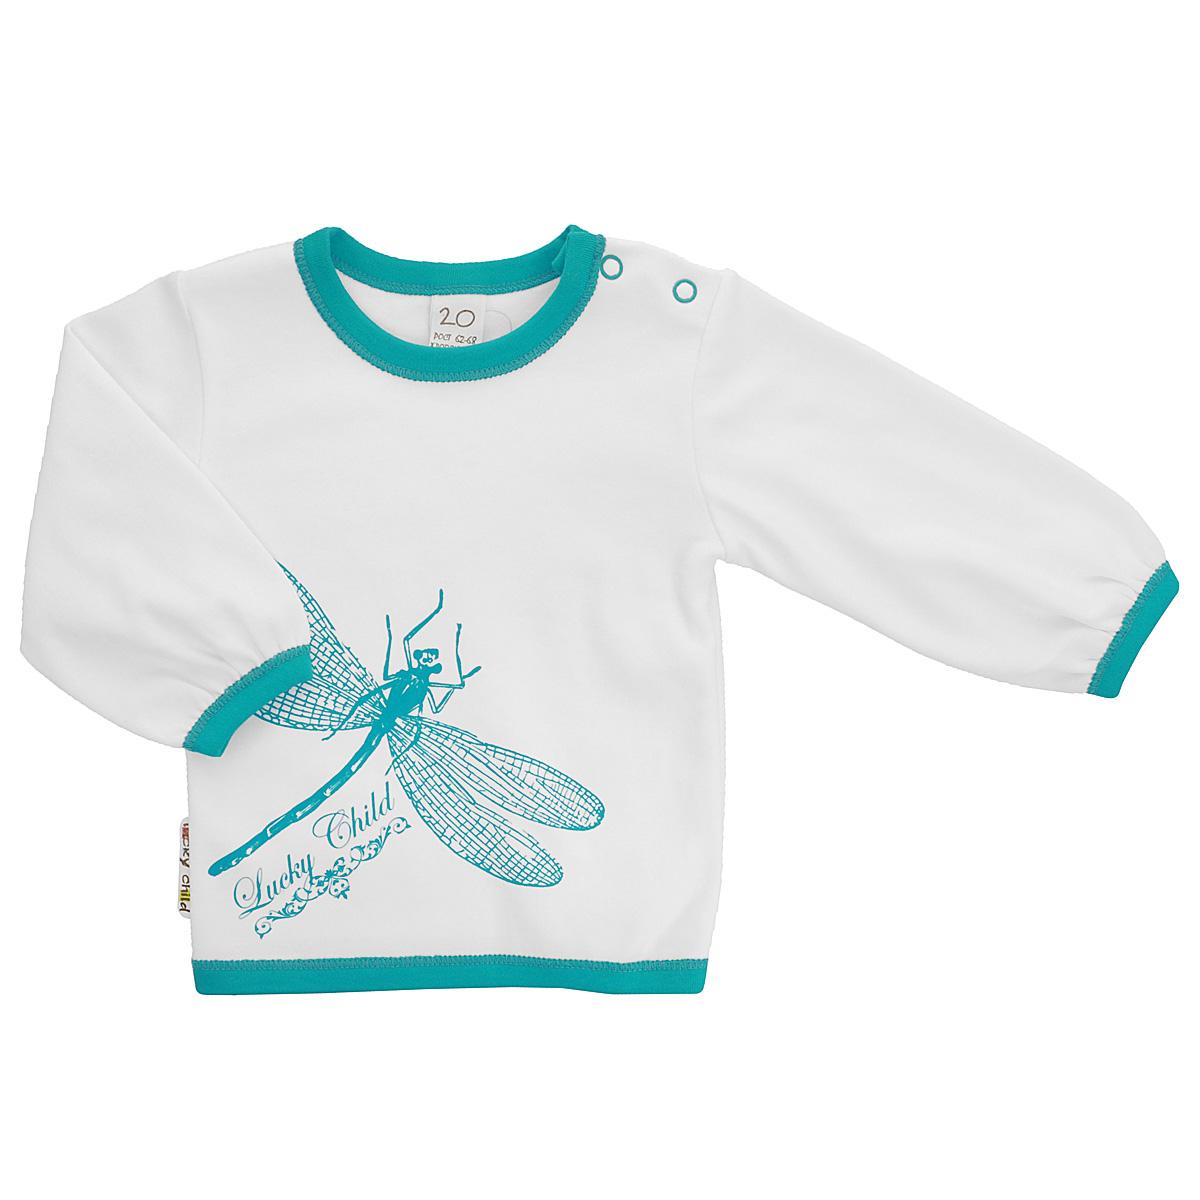 14-12Детская футболка Lucky Child Ретро послужит идеальным дополнением к гардеробу вашего малыша, обеспечивая ему наибольший комфорт. Изготовленная из натурального хлопка, она необычайно мягкая и легкая, не раздражает нежную кожу ребенка и хорошо вентилируется, а эластичные швы приятны телу малыша и не препятствуют его движениям. Футболка с длинными рукавами и круглым врезом горловины имеет кнопки по плечу, которые позволяют без труда переодеть ребенка. Спереди она оформлена печатным принтом с изображением стрекозы. А низ изделия, вырез горловины и края рукавов декорированы бейками контрастного цвета. Футболка полностью соответствует особенностям жизни ребенка в ранний период, не стесняя и не ограничивая его в движениях!